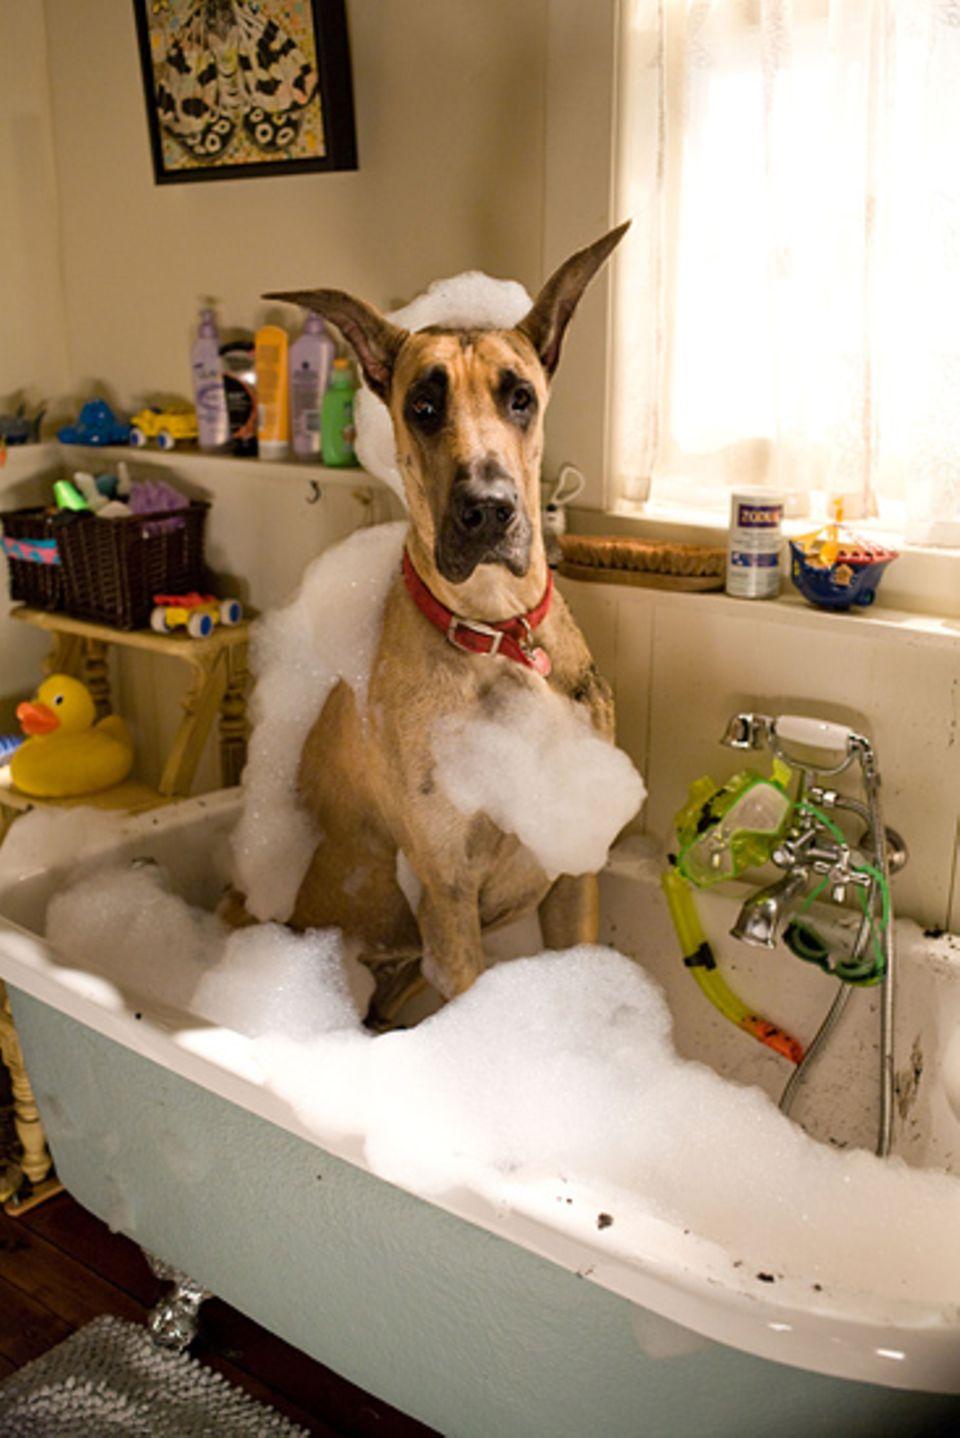 Marmaduke richtet überall Chaos an - sogar in der Badewanne